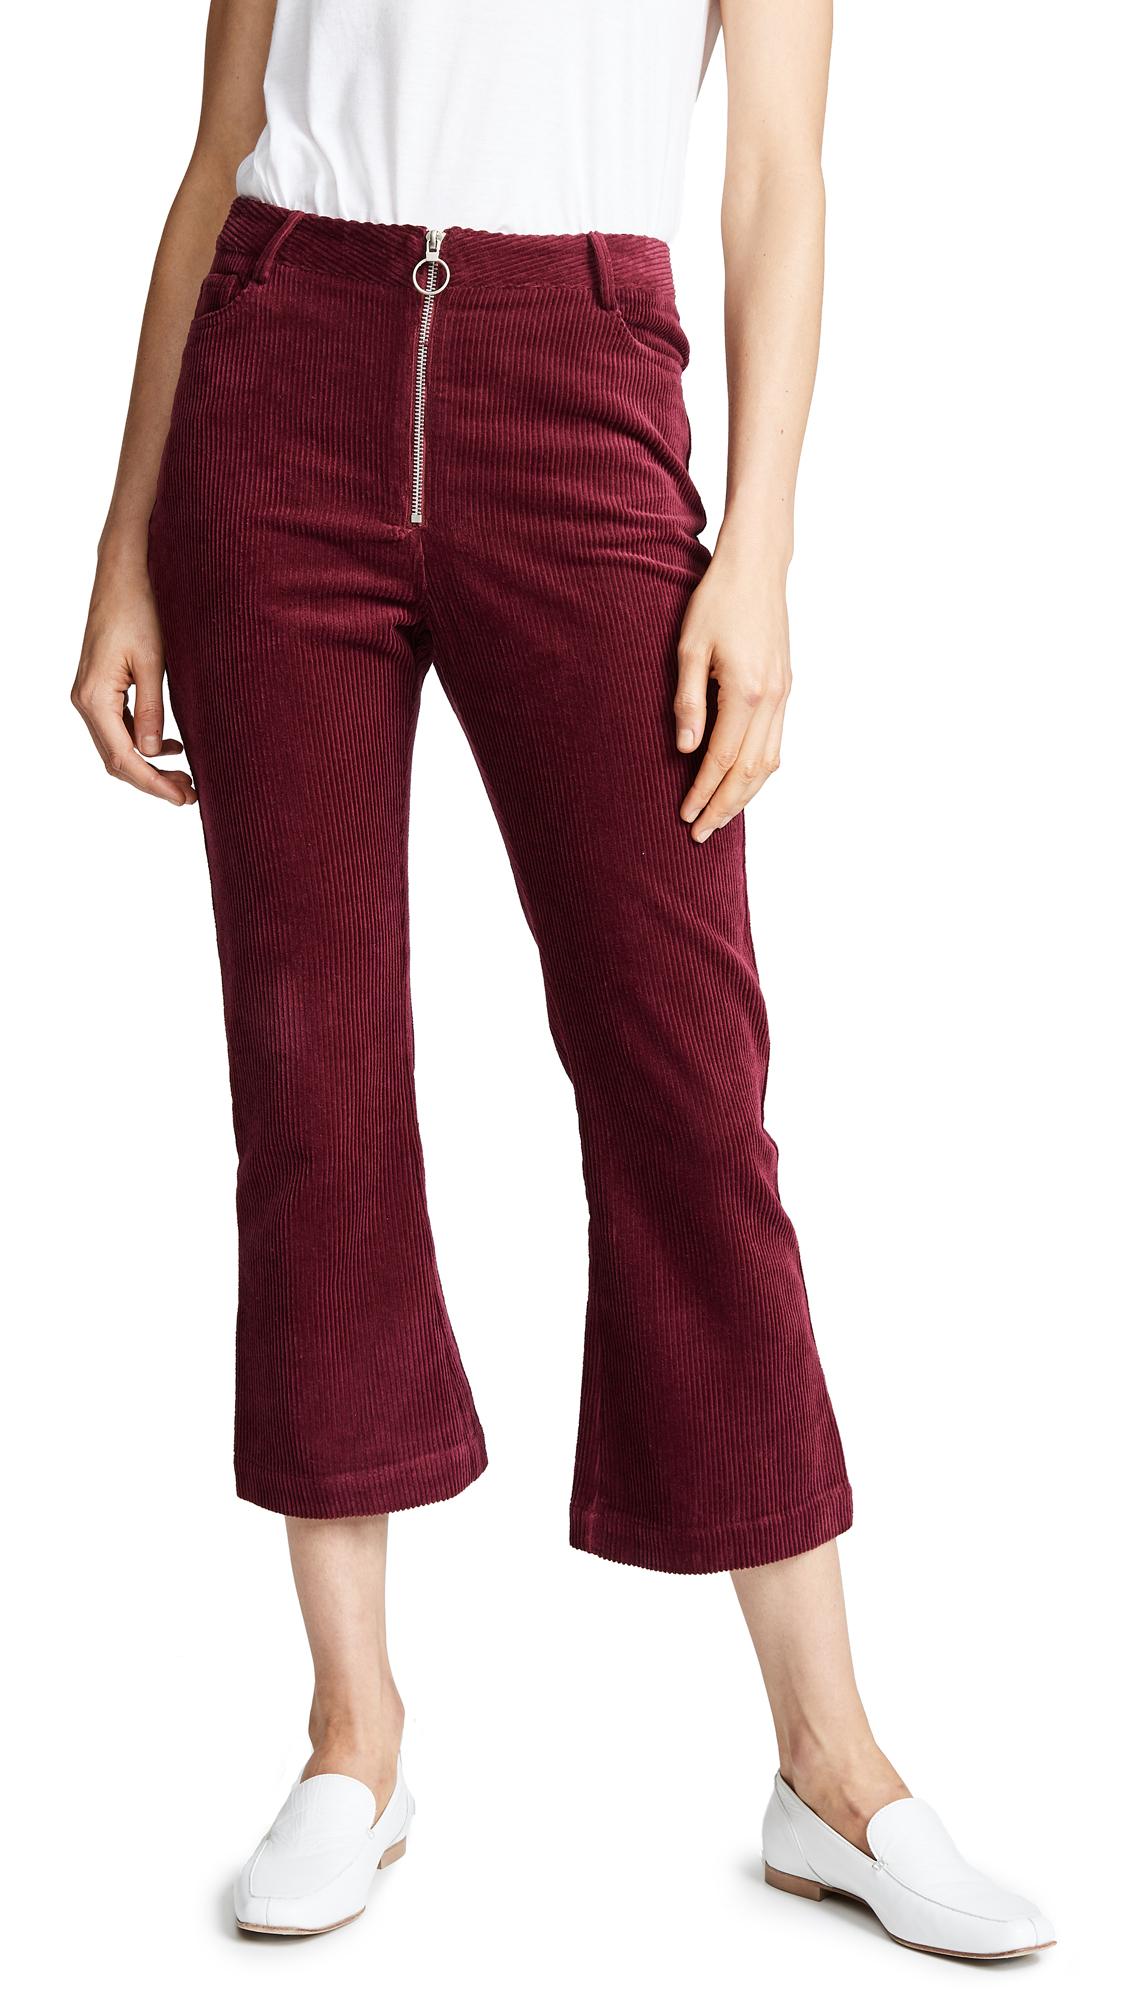 SUNCOO June Trousers in Prune